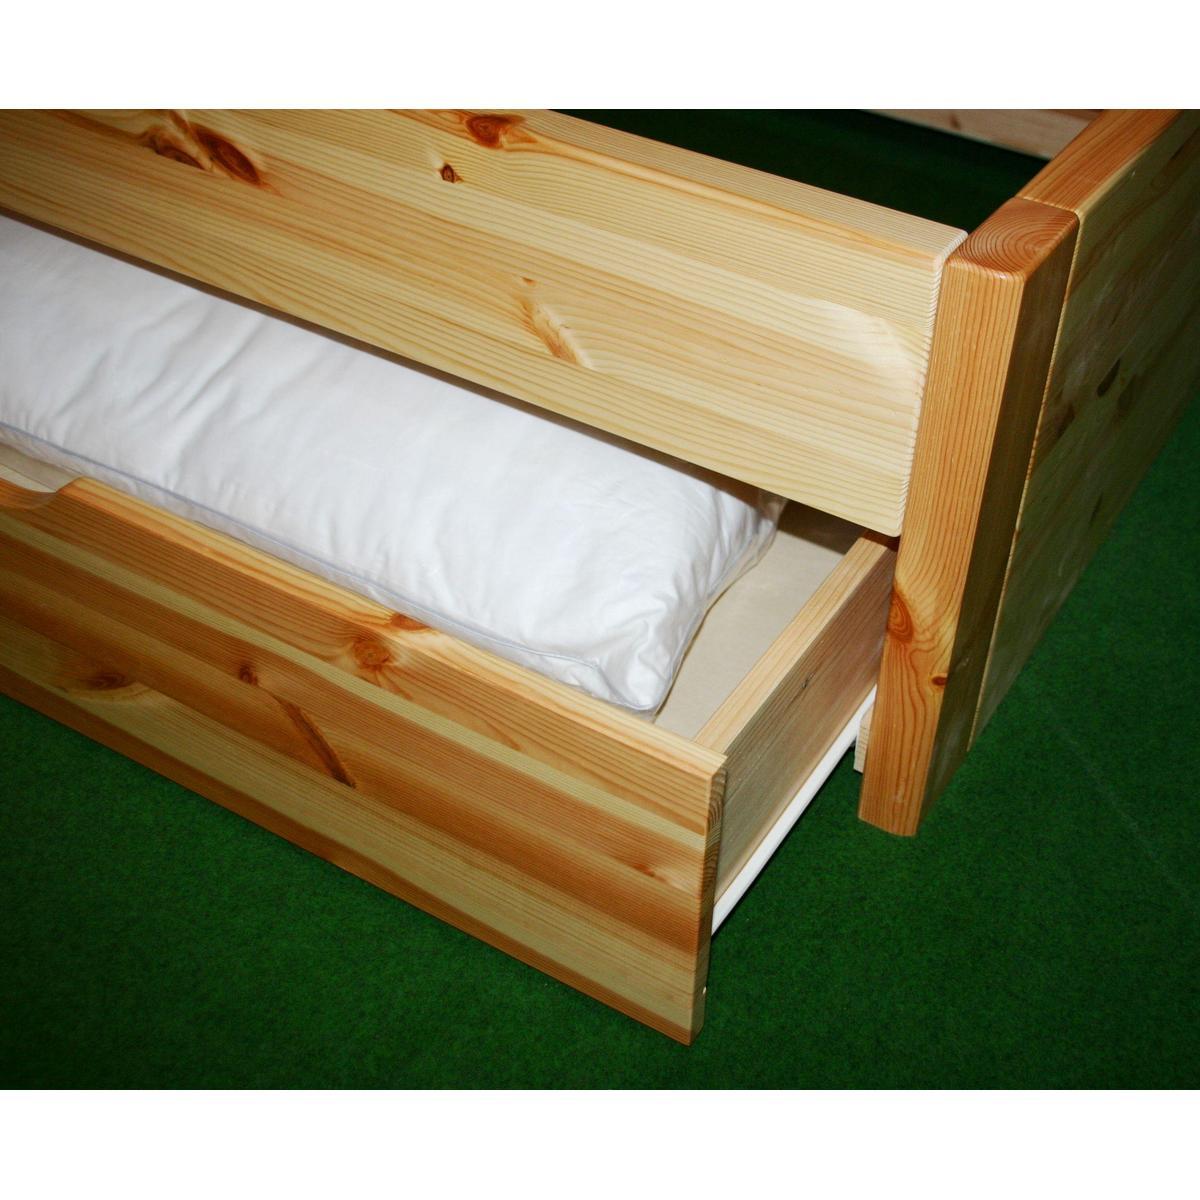 Funktionsbett 180x200 weiß  Vollholzbett Bett mit schubladen Kiefer massiv weiss lasiert ...